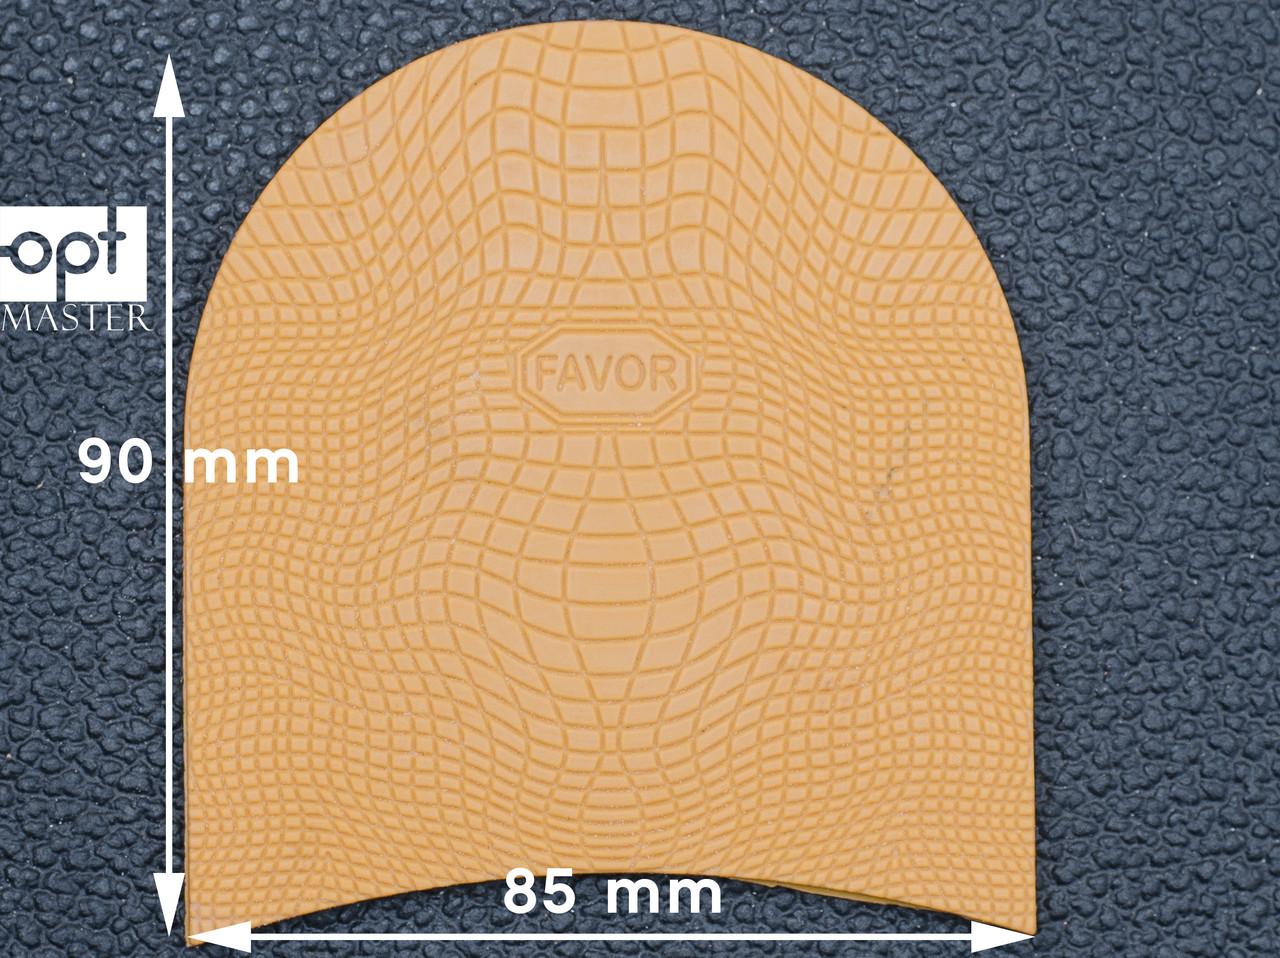 Набойка резиновая FAVOR-рептилия, т. 6.6 мм, р.средний, цв. бежевый (12)